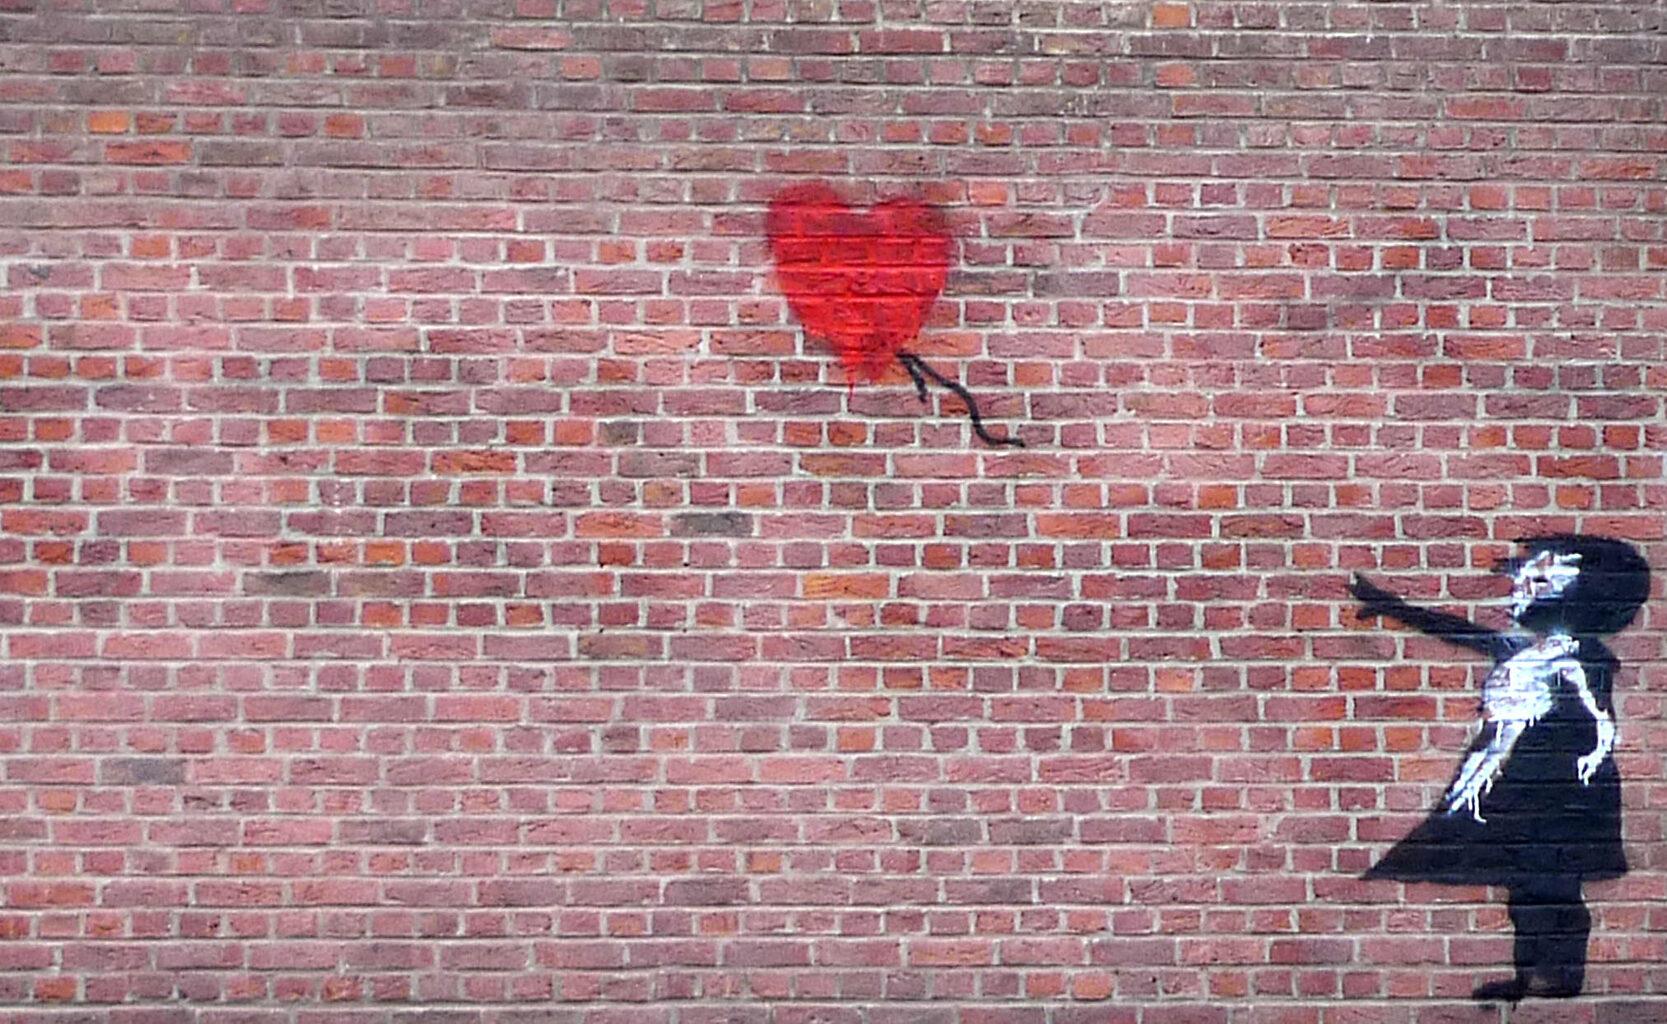 Banksy graffitije egy brüsszeli kerítésen